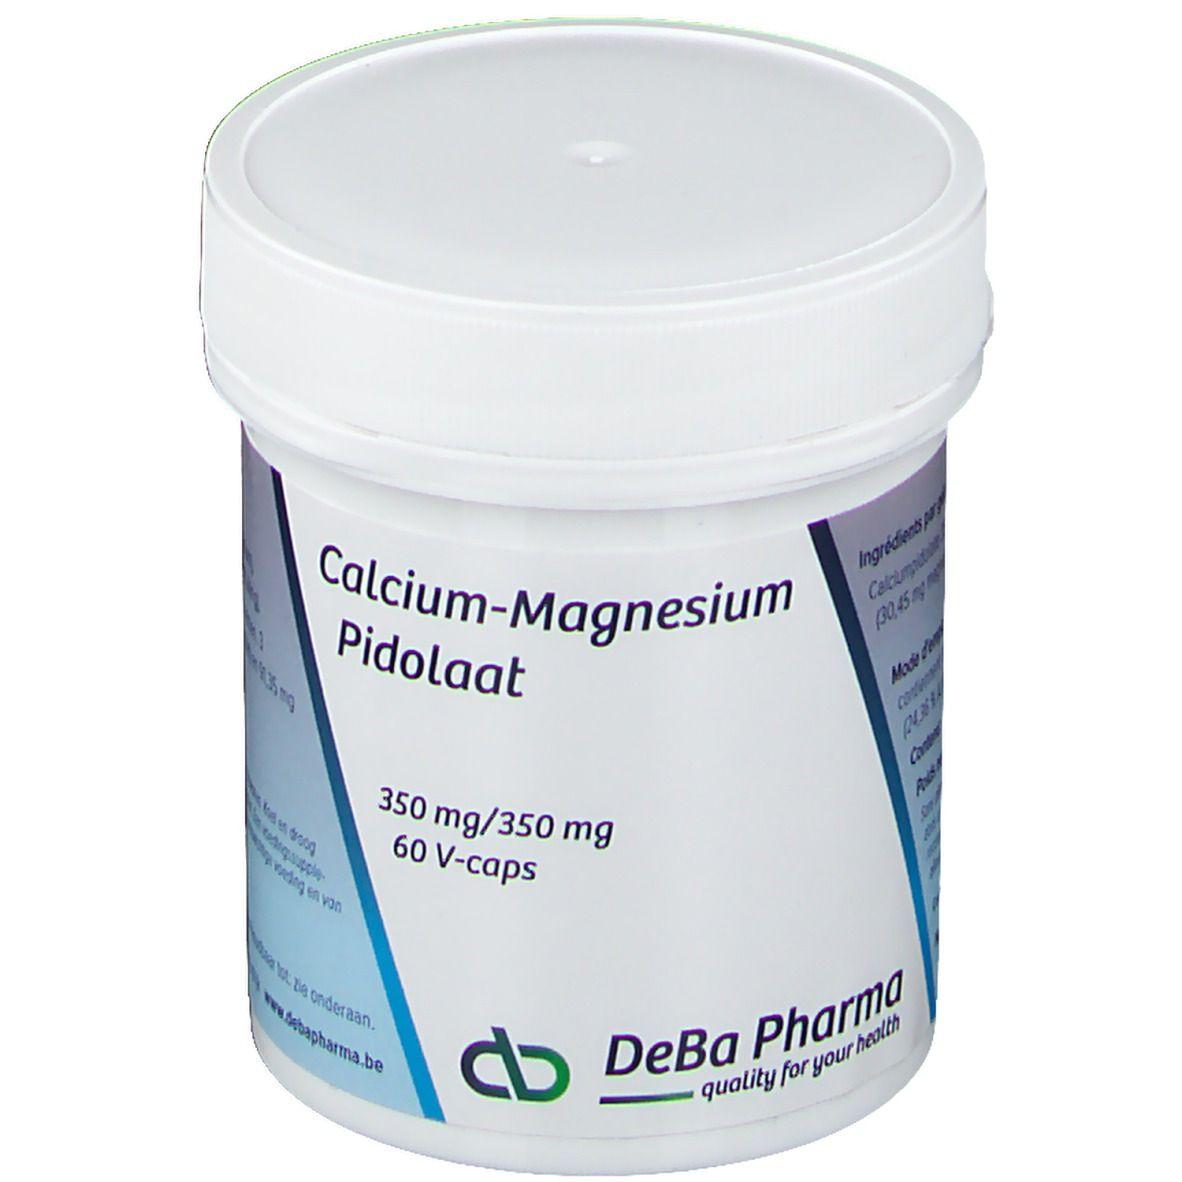 Deba Pharma Deba Pilodate de calcium magnésium 350/350 mg pc(s) capsule(s)